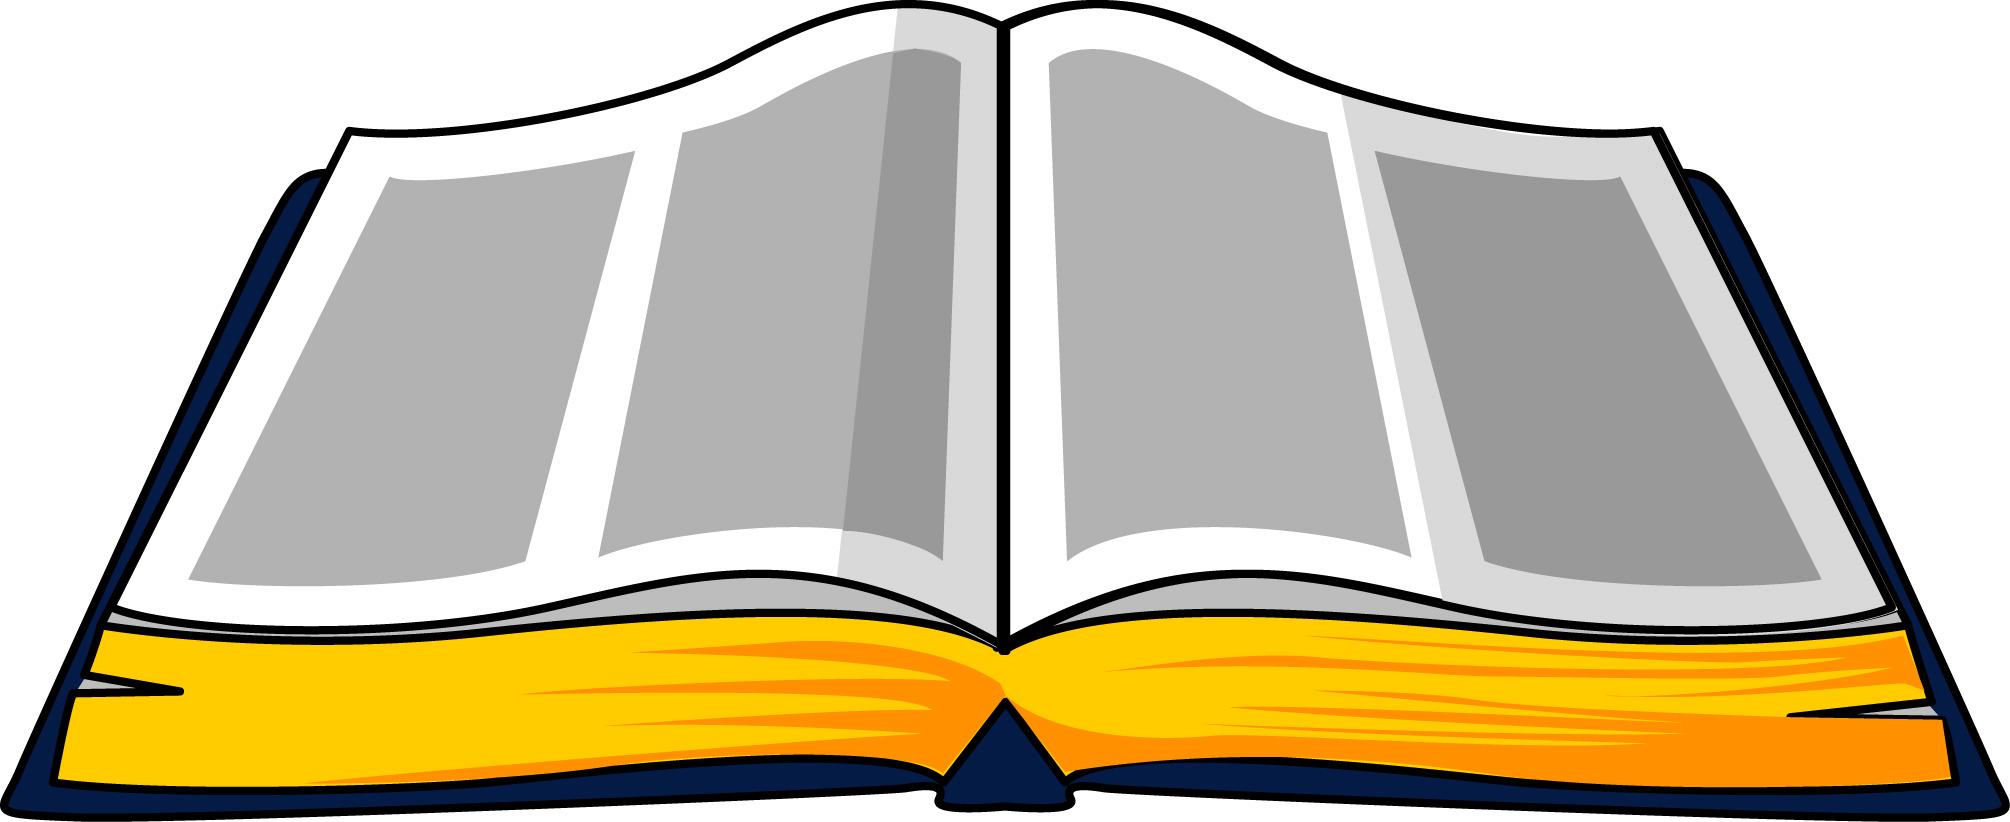 Bible Images Clip Art Clipart Best-Bible Images Clip Art Clipart Best-11